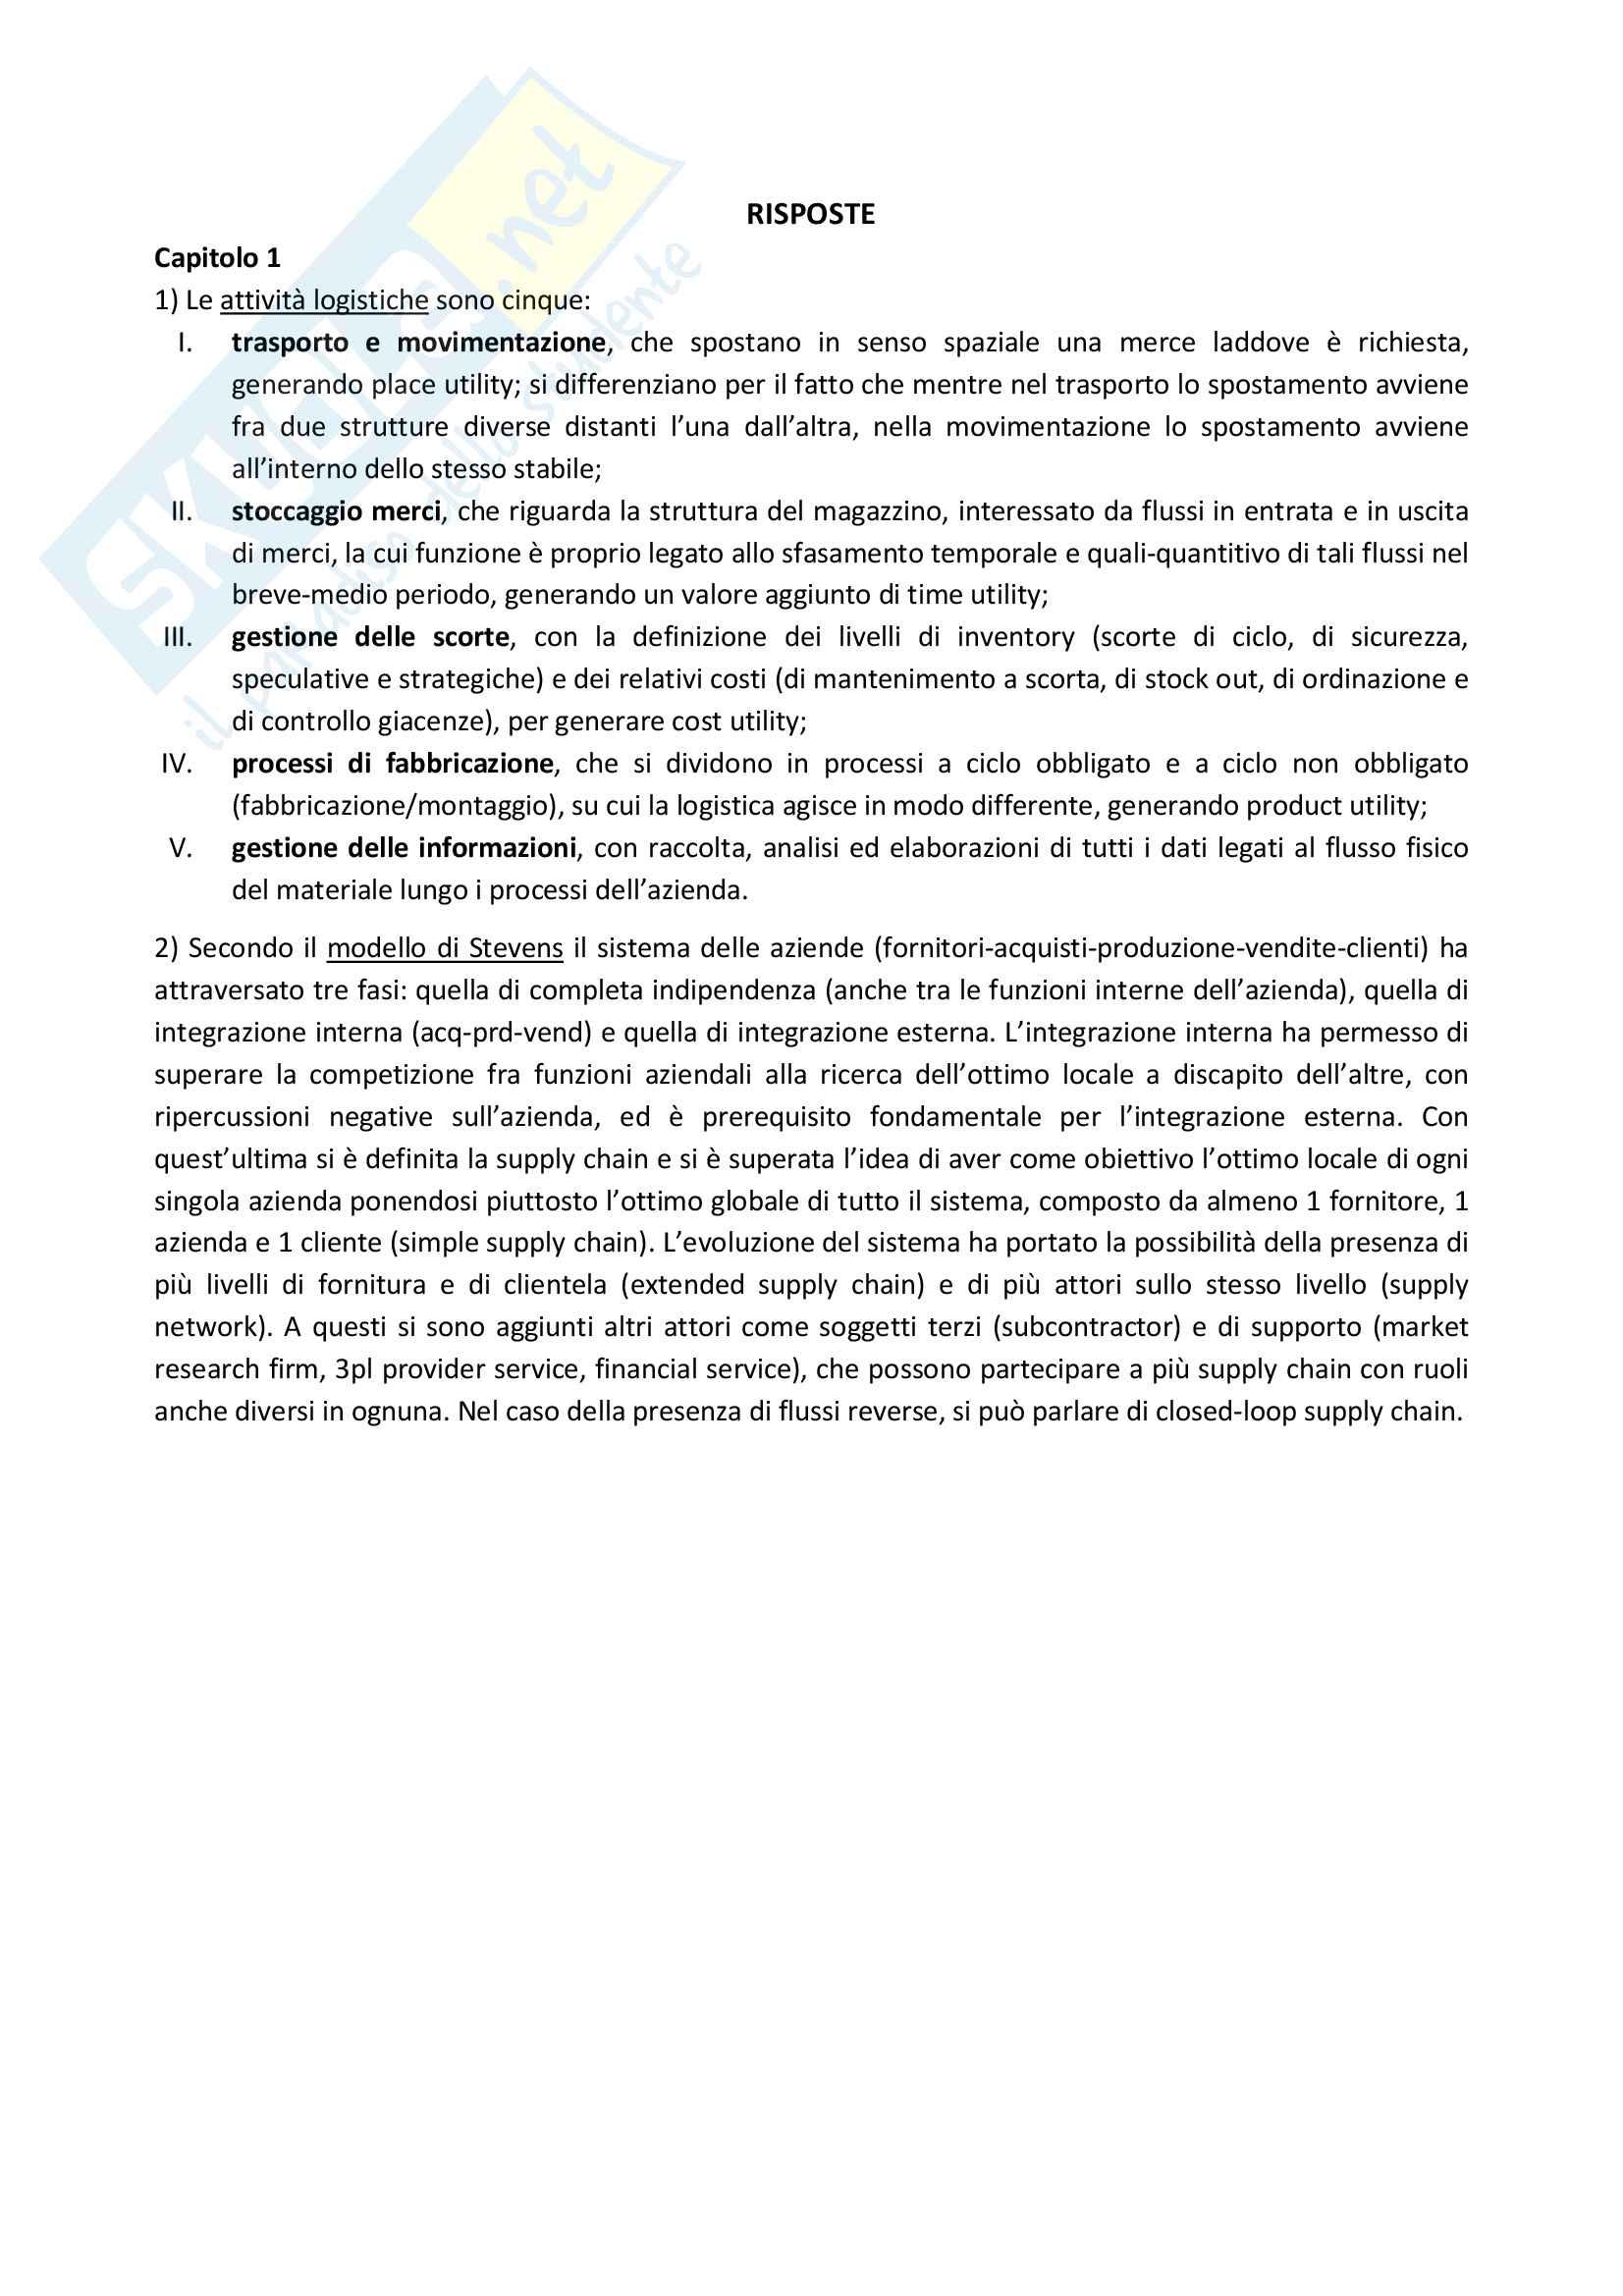 Riassunto esame con domande risolte e grandezze da ricordare - Logistica Pag. 2